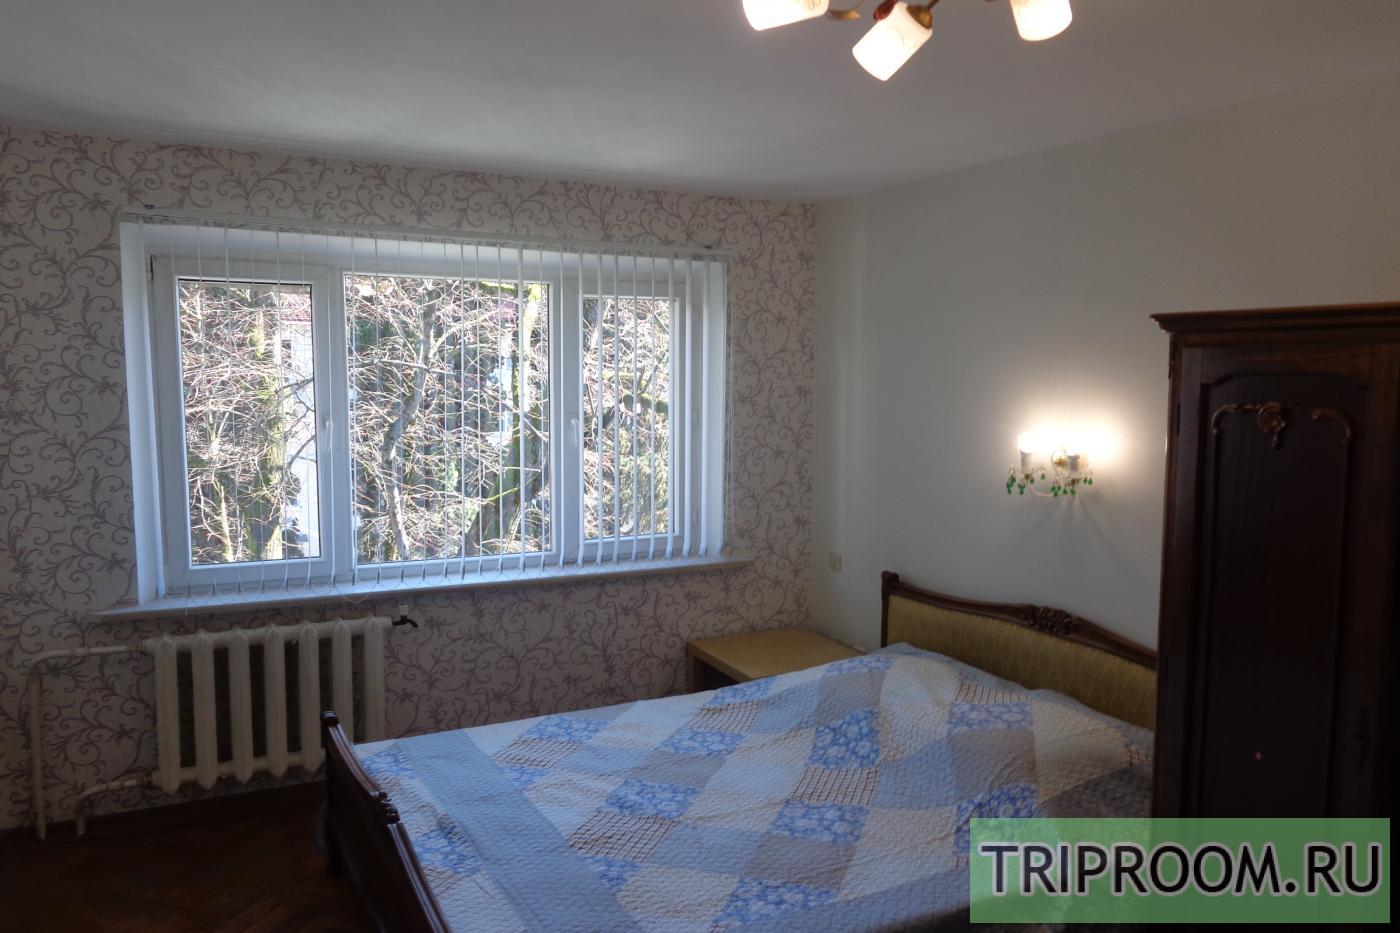 2-комнатная квартира посуточно (вариант № 6980), ул. Воровского улица, фото № 2